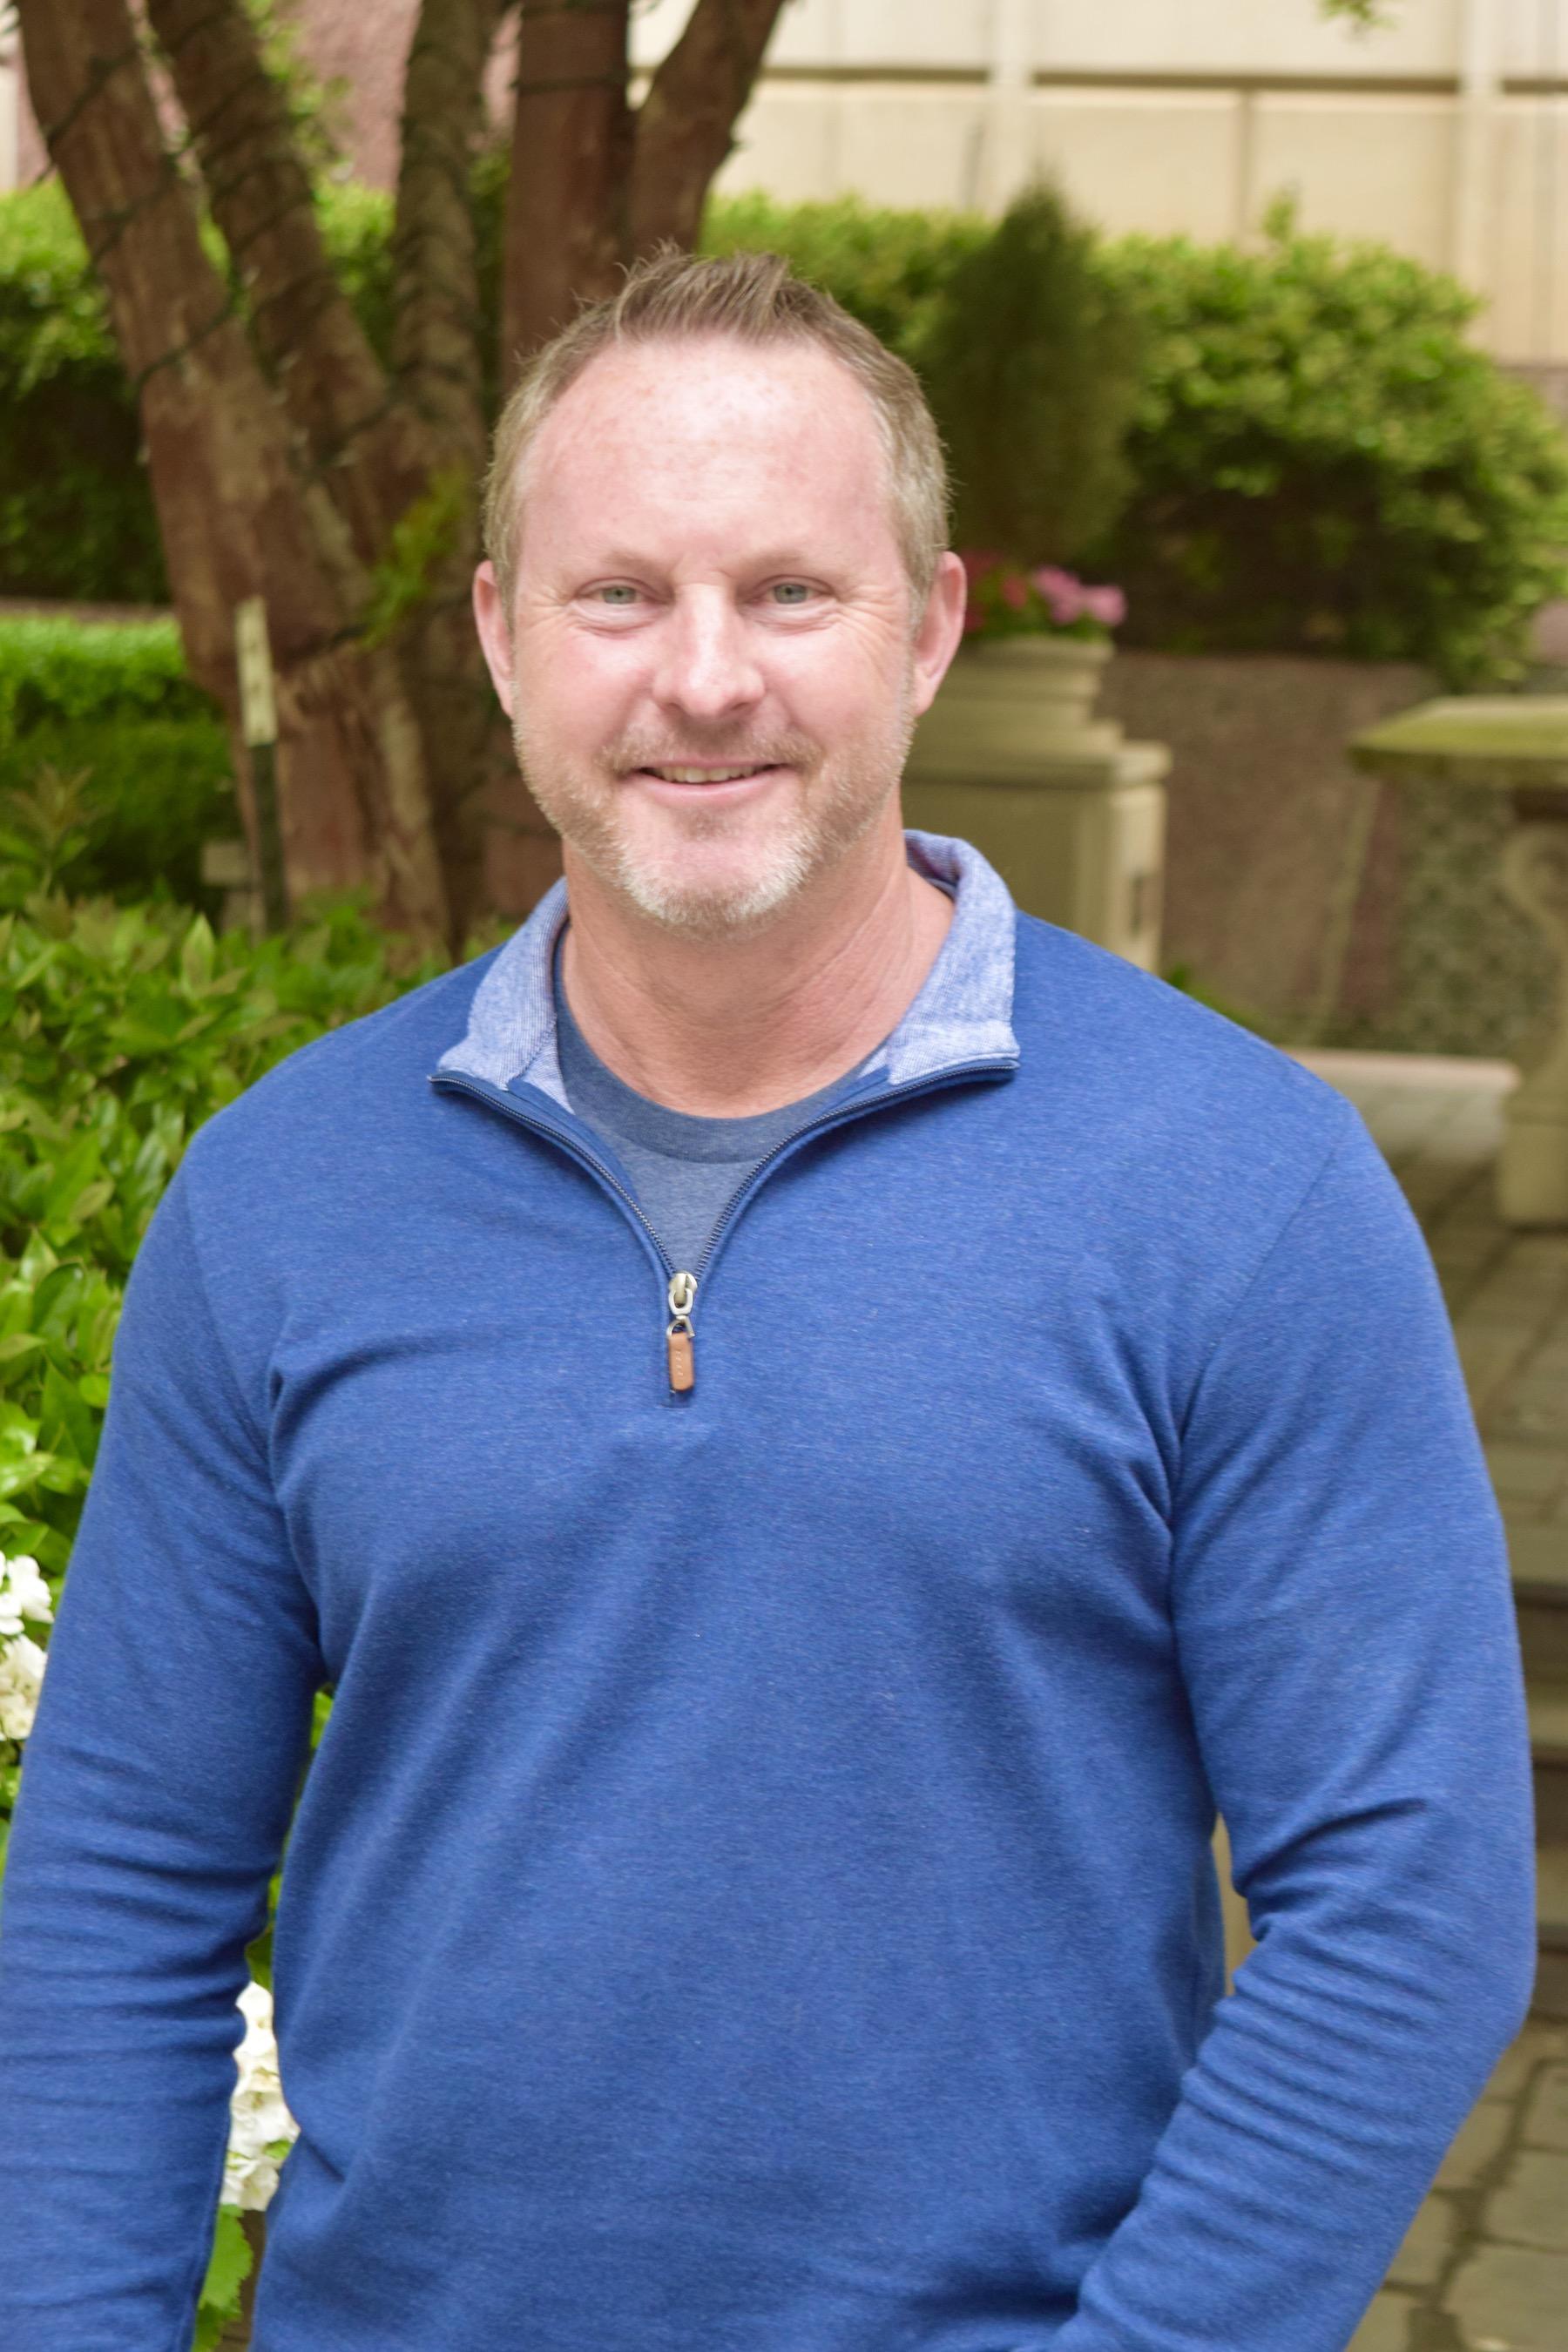 Scott Casler, Chief Financial Officer, Work Shield